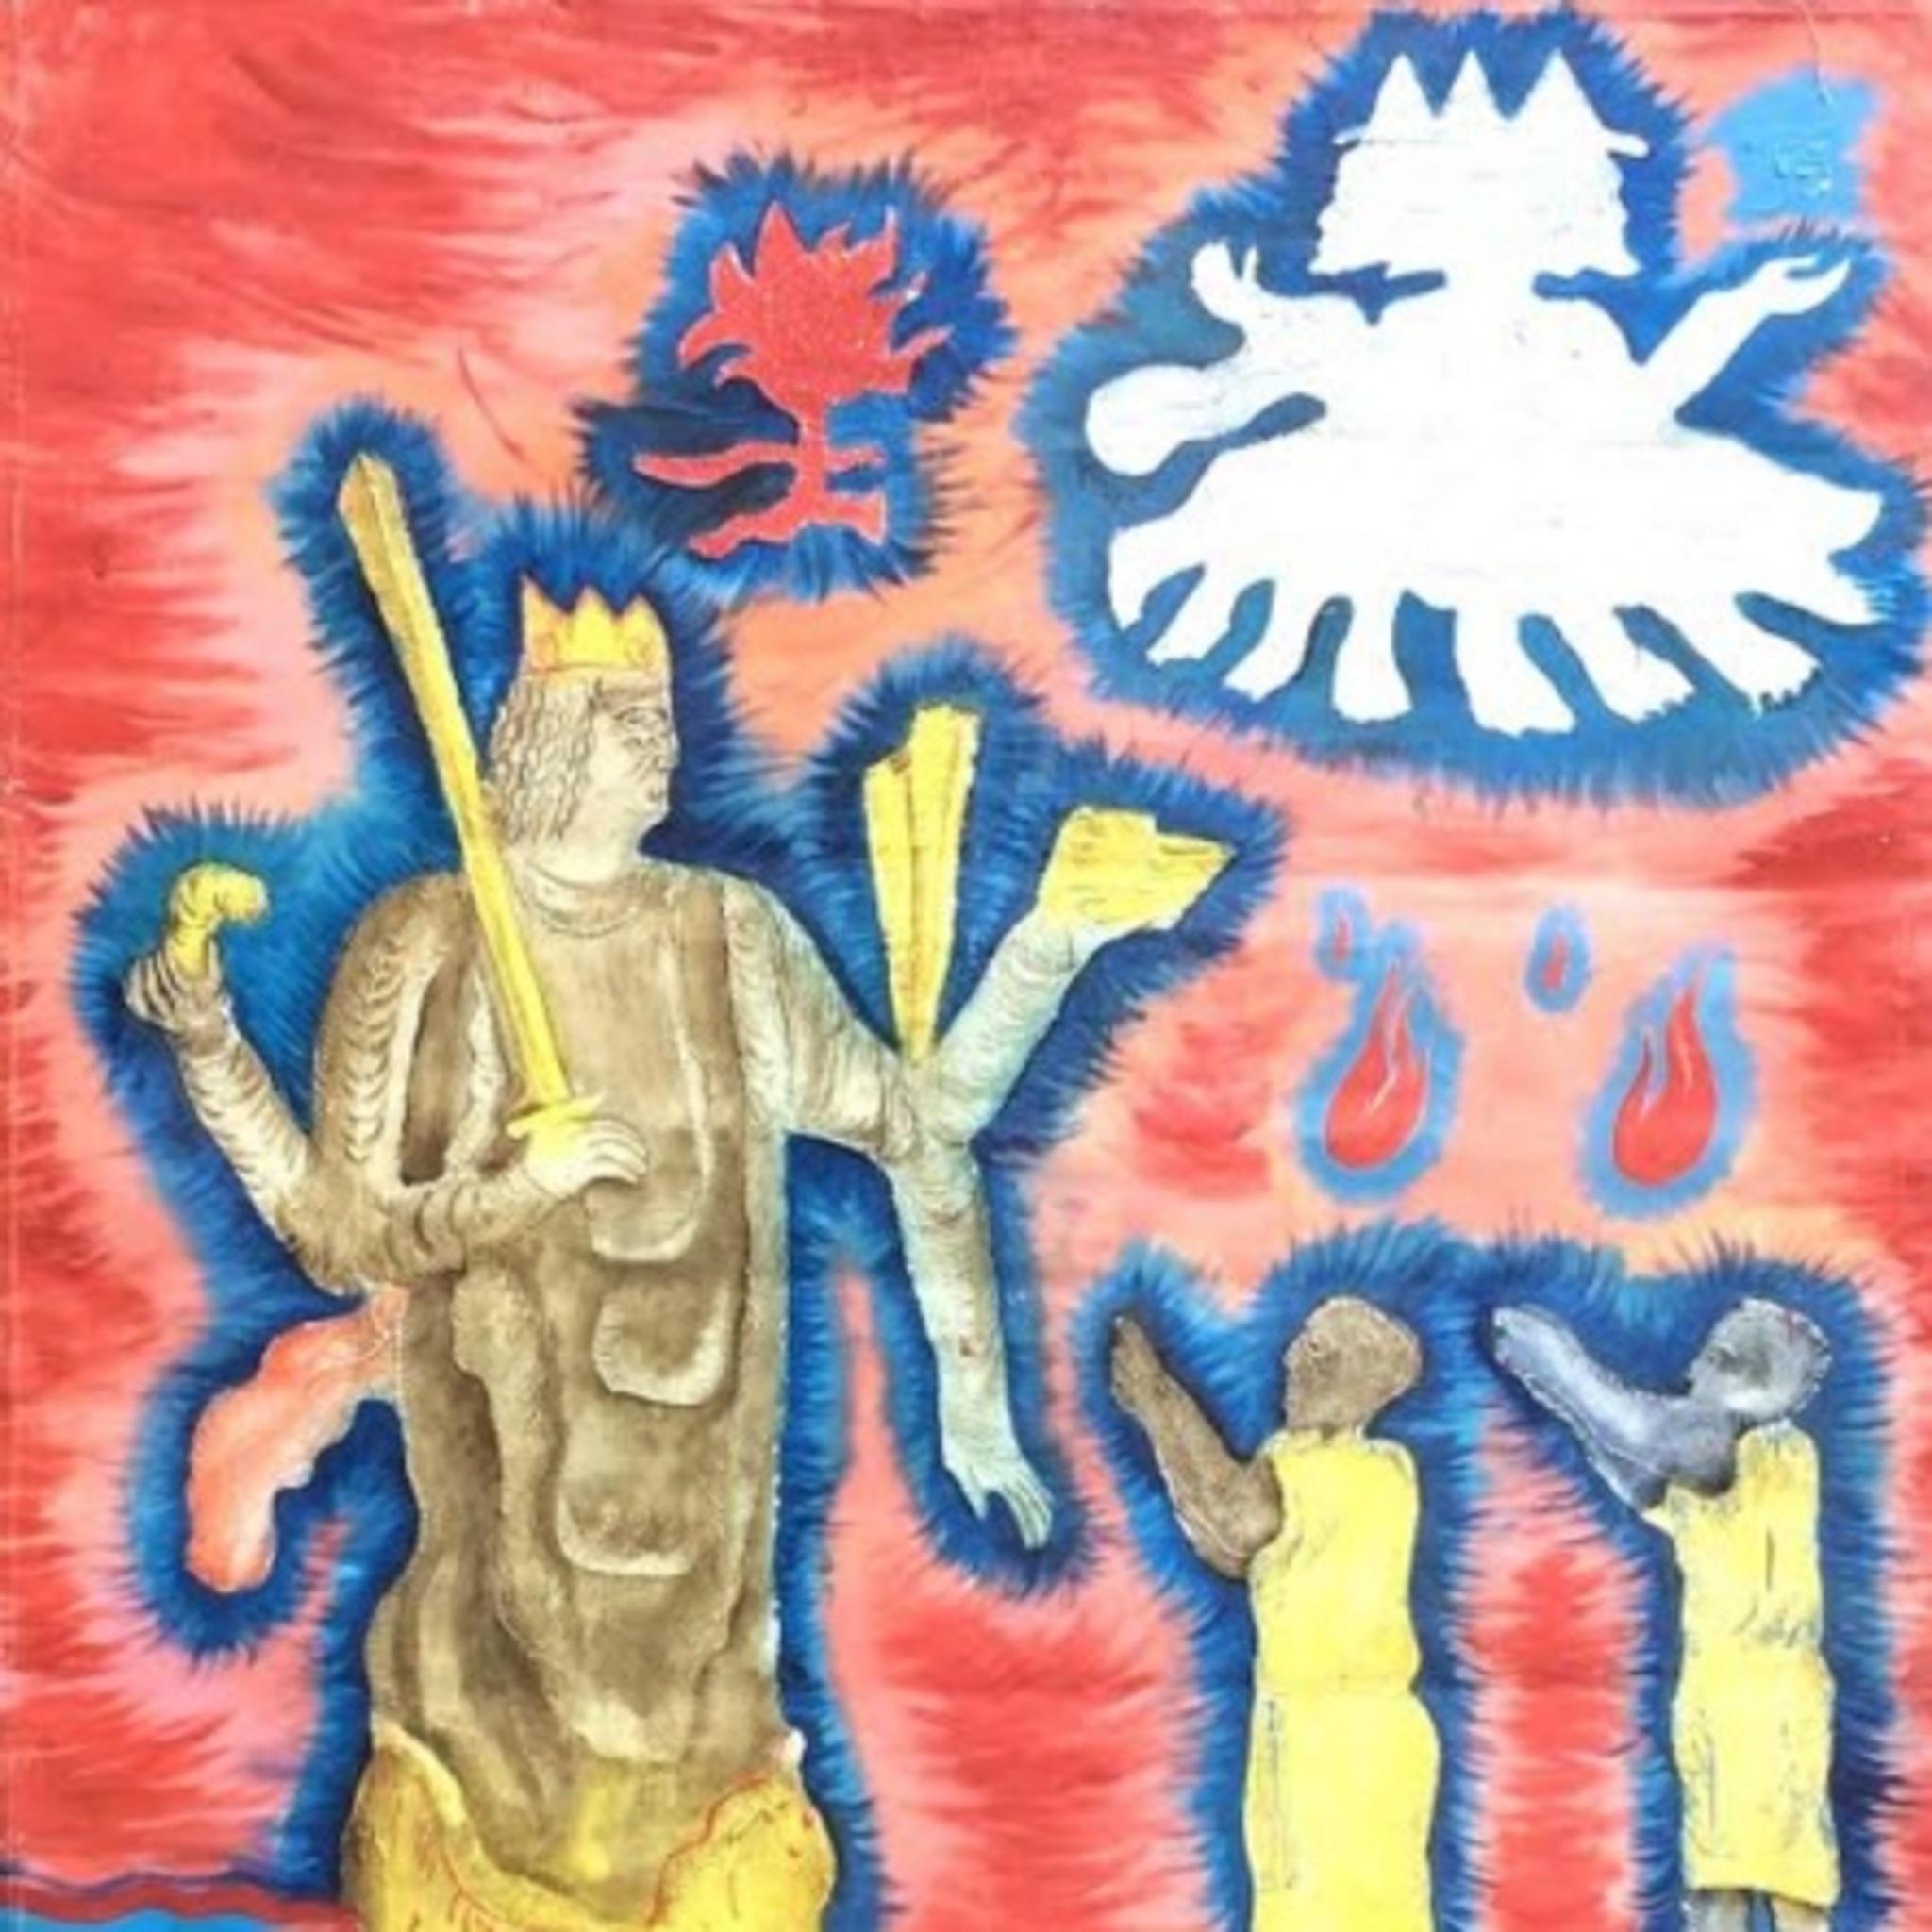 Передача картины «Царь-рыба» Валерии Трубиной в коллекции НХМУ